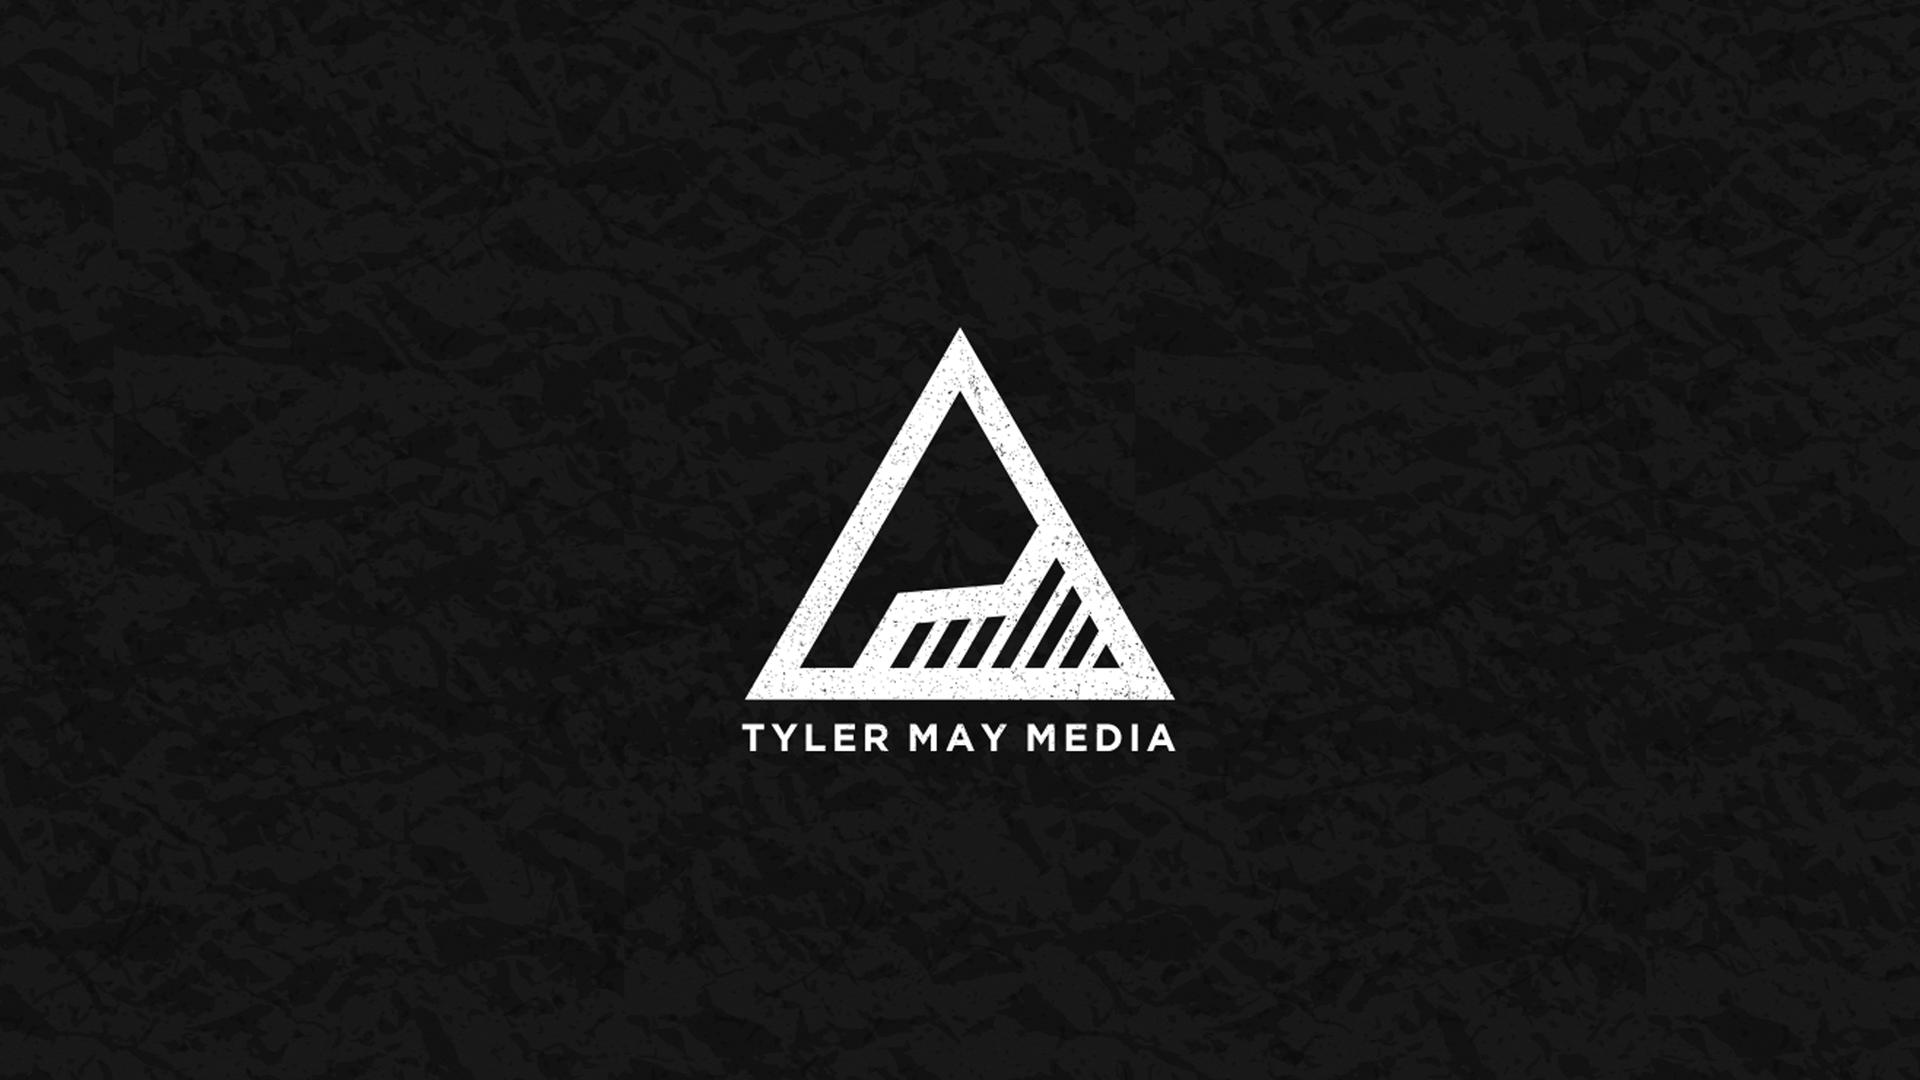 tyler may media logo